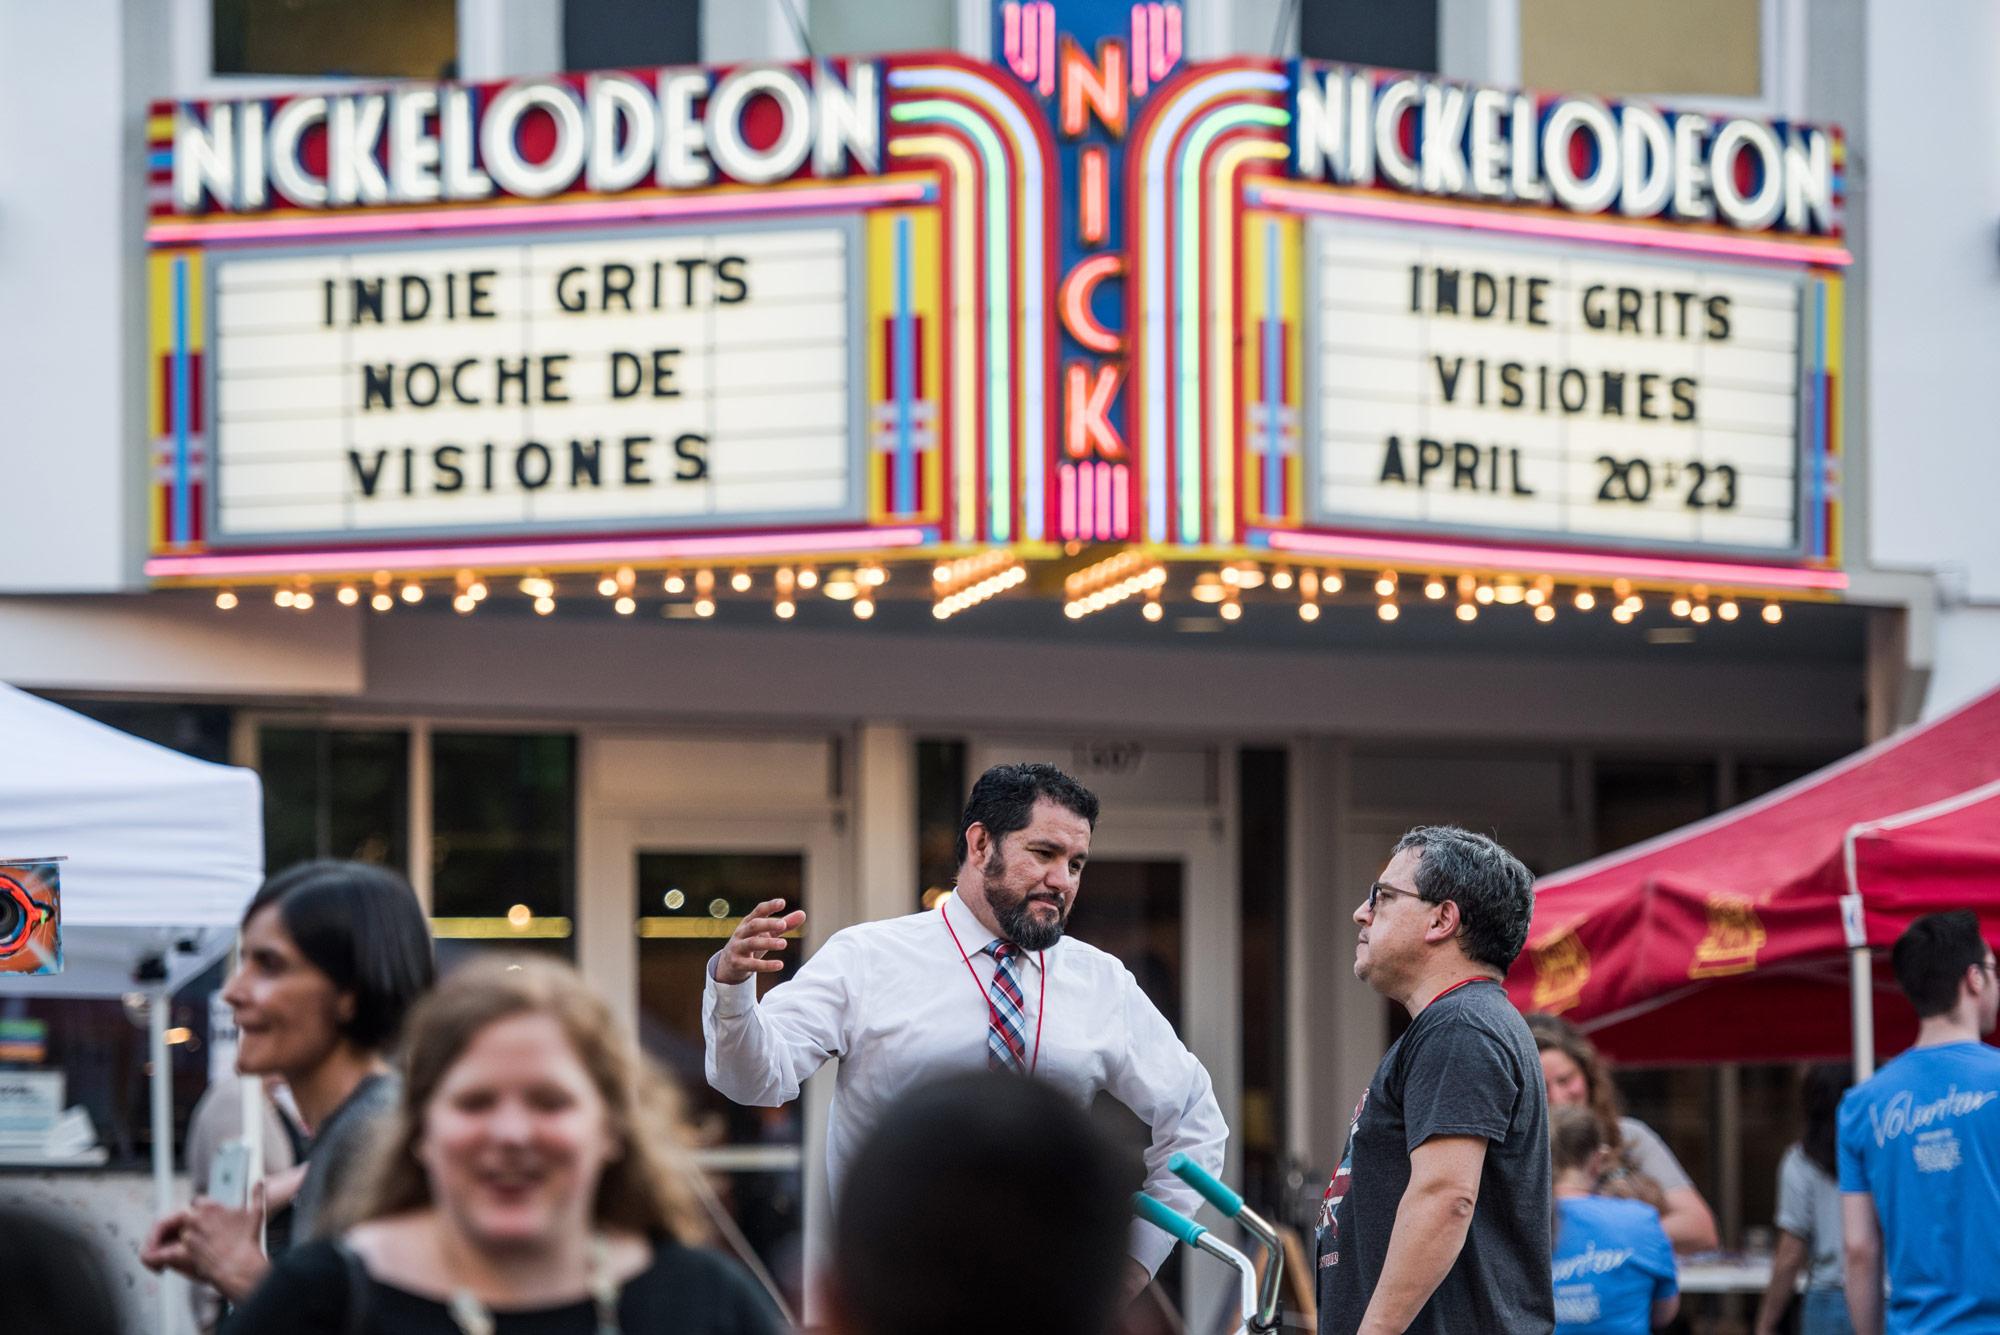 Indie-Grits-Photos-2017-Columbia-SC-05039.jpg